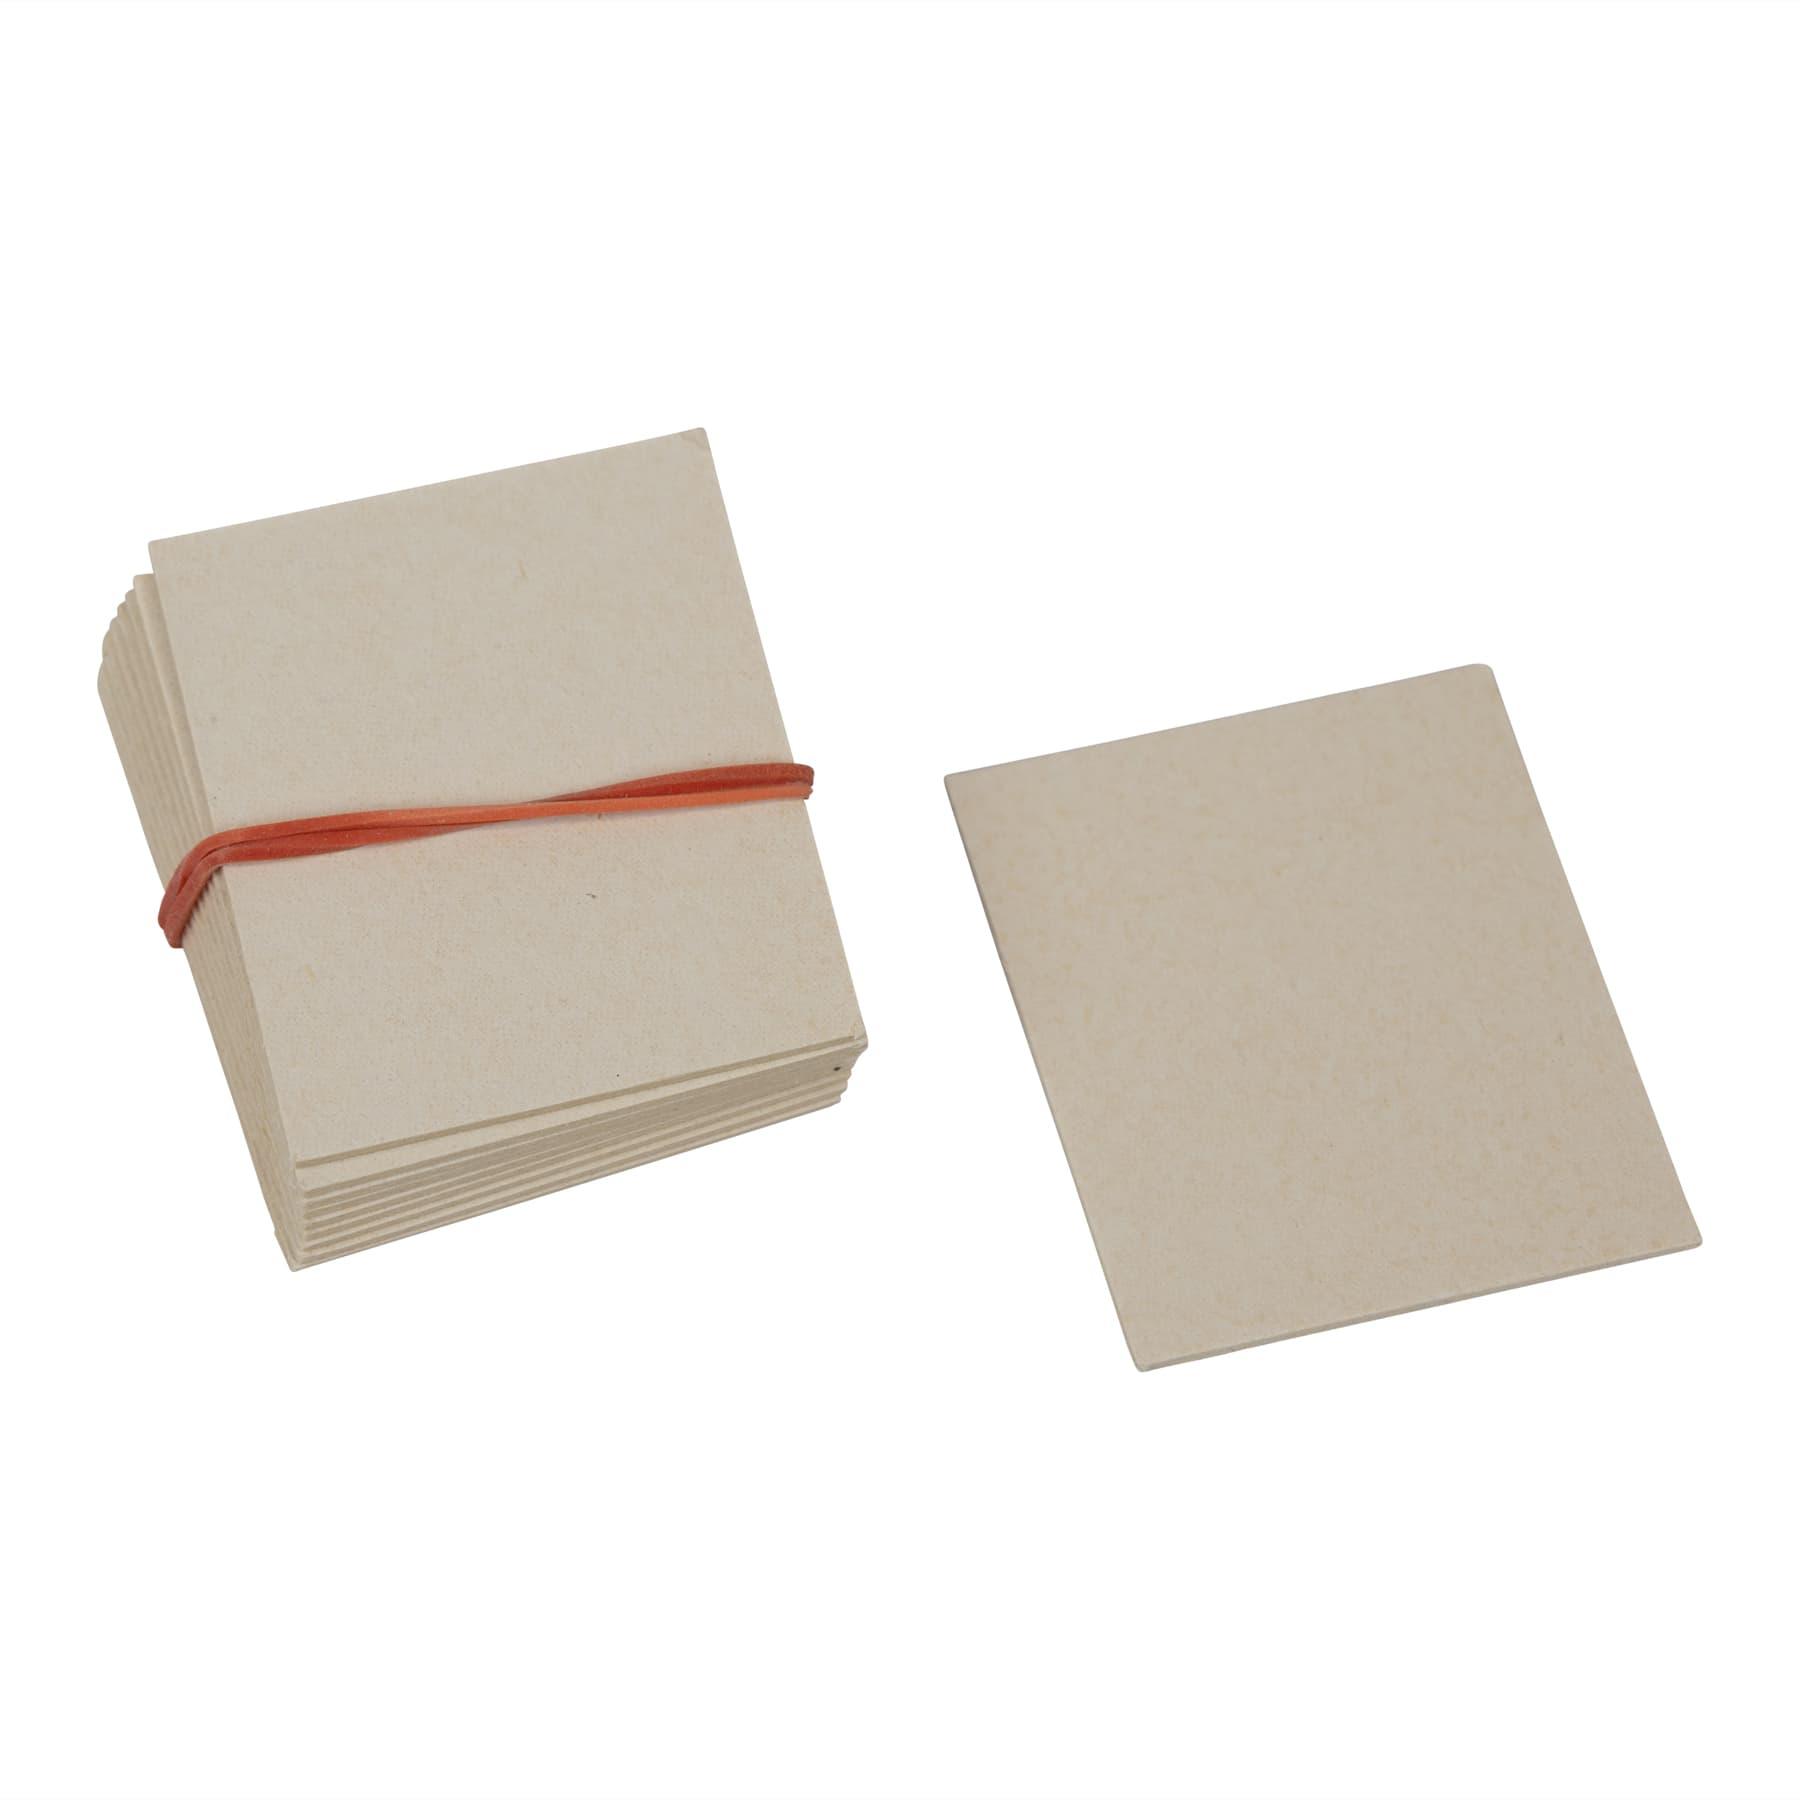 Nassenheider Ersatzdocht, 10 kleine a 27 cm²,  Weichfasertränkplatte, Weiland-Artikel Nr. 300004 für Typ classic Weiland Art. 300002